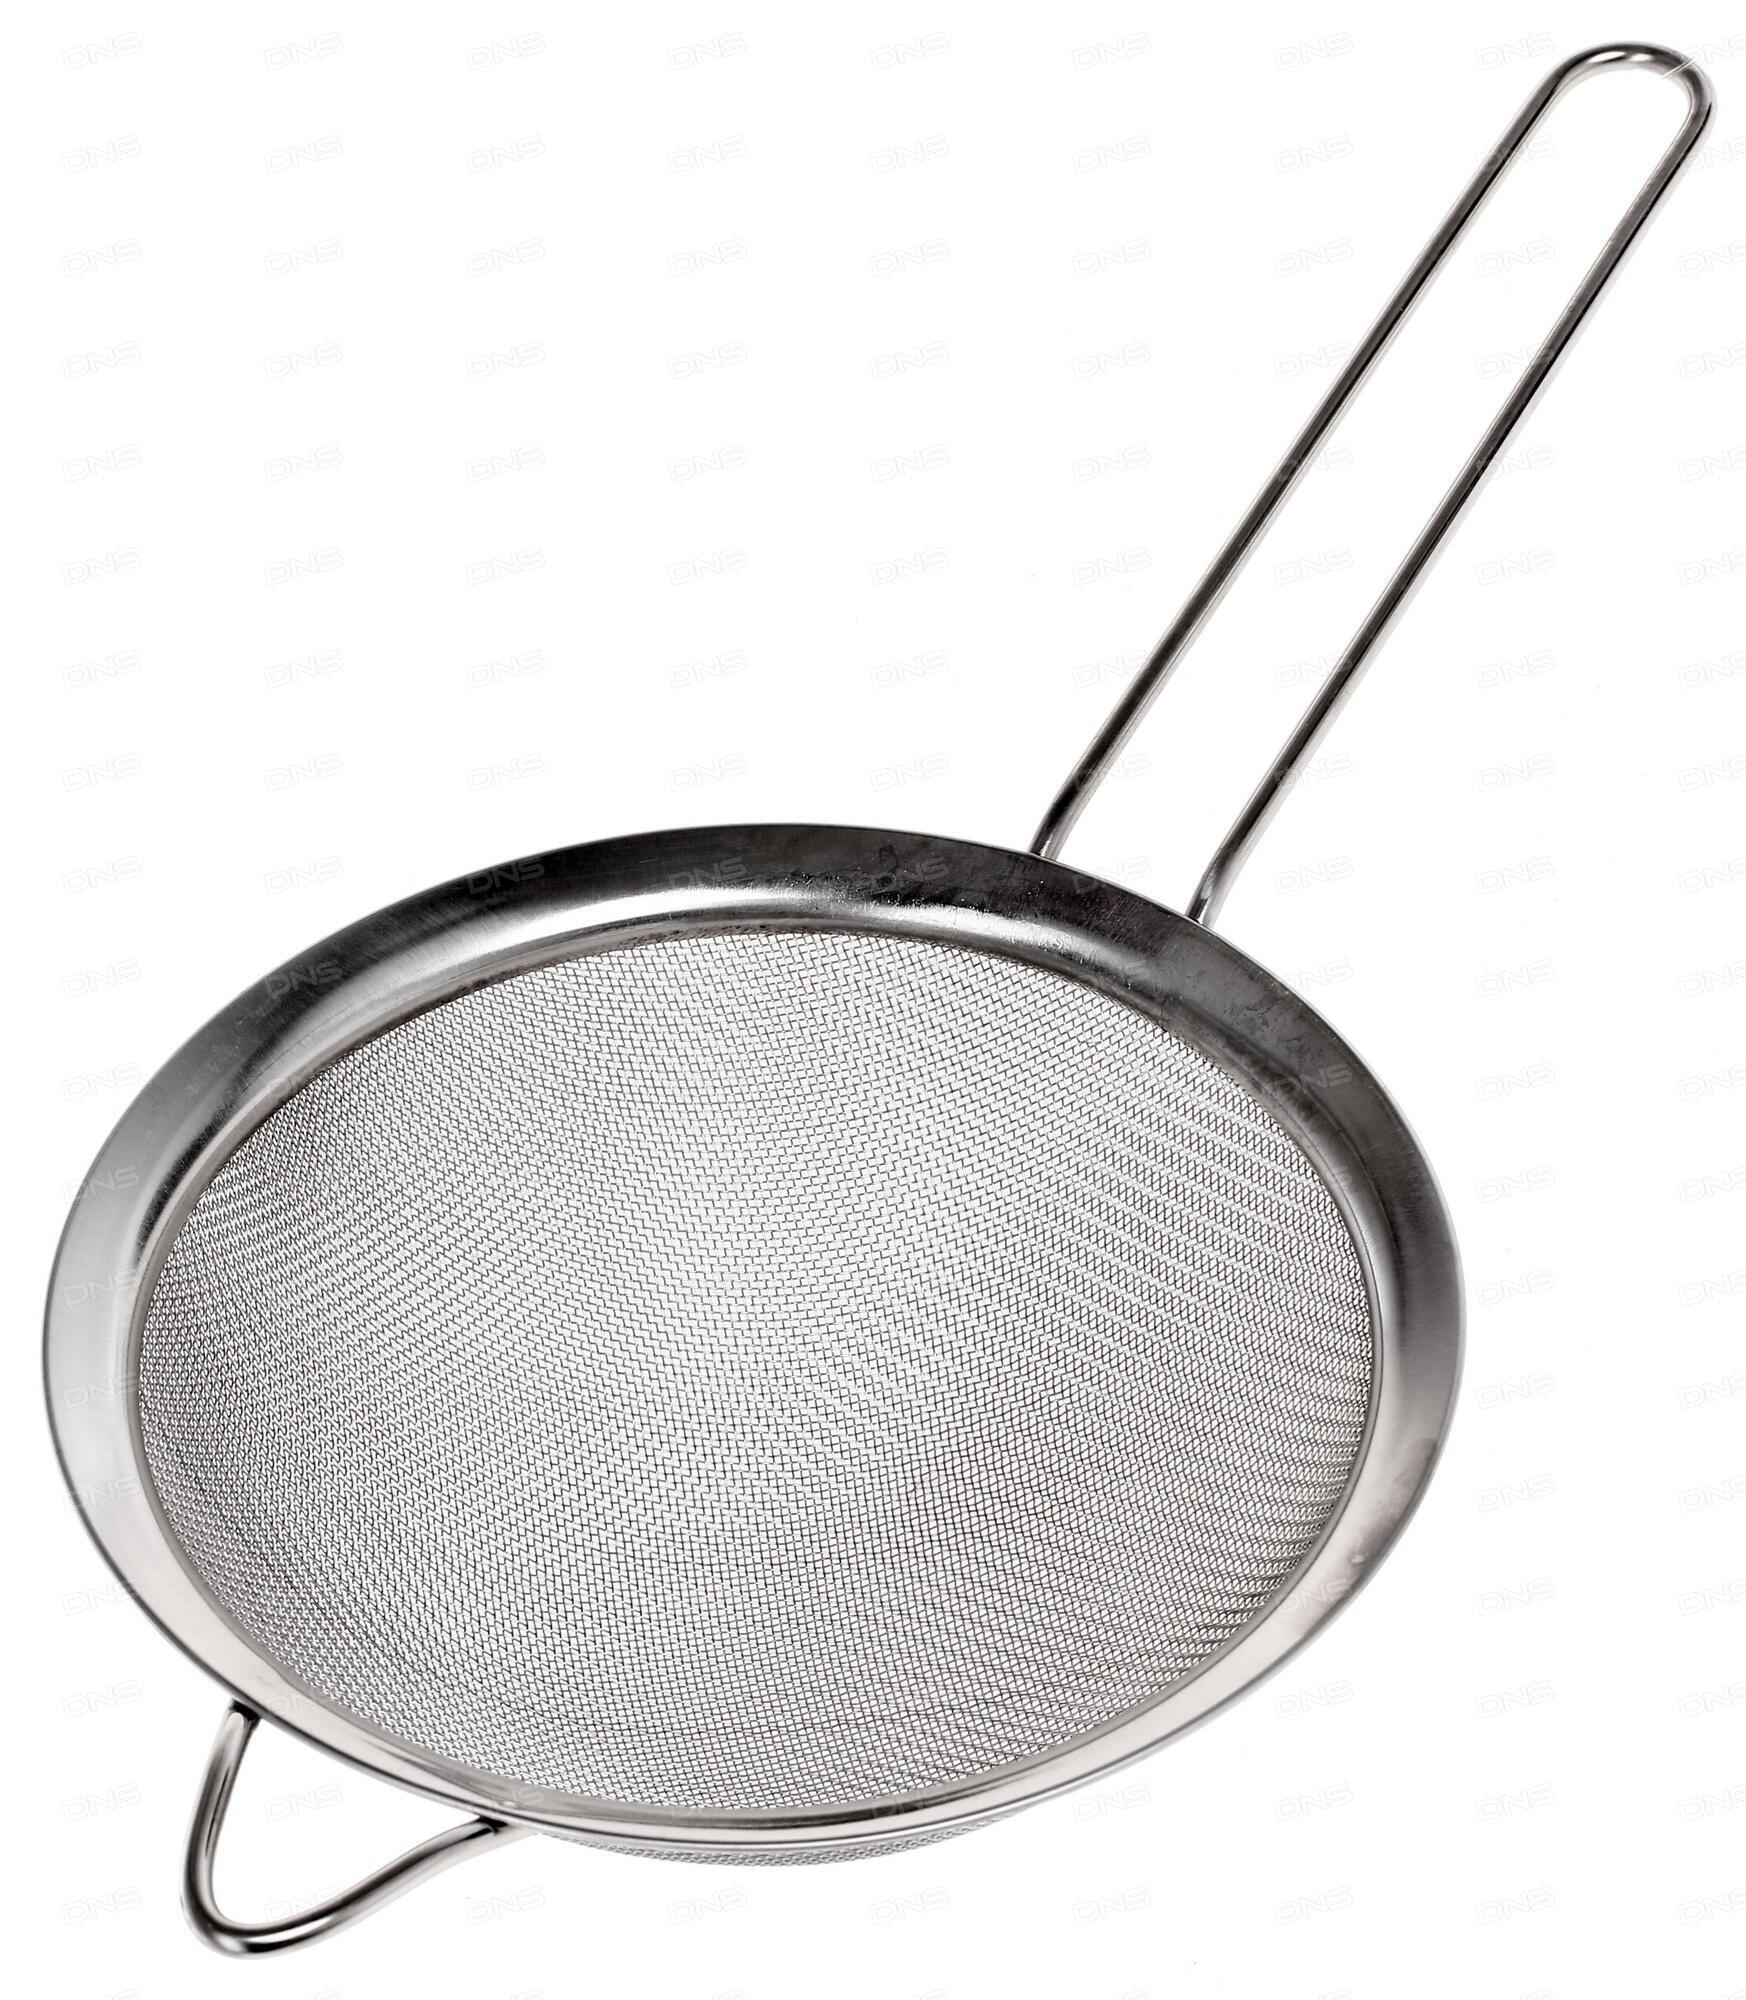 Форма для выпечки Mayer&Boch MB-28962 , 36х24х6,5 см – купить в Москве по цене 349 руб. в интернет-магазине ugra.ru